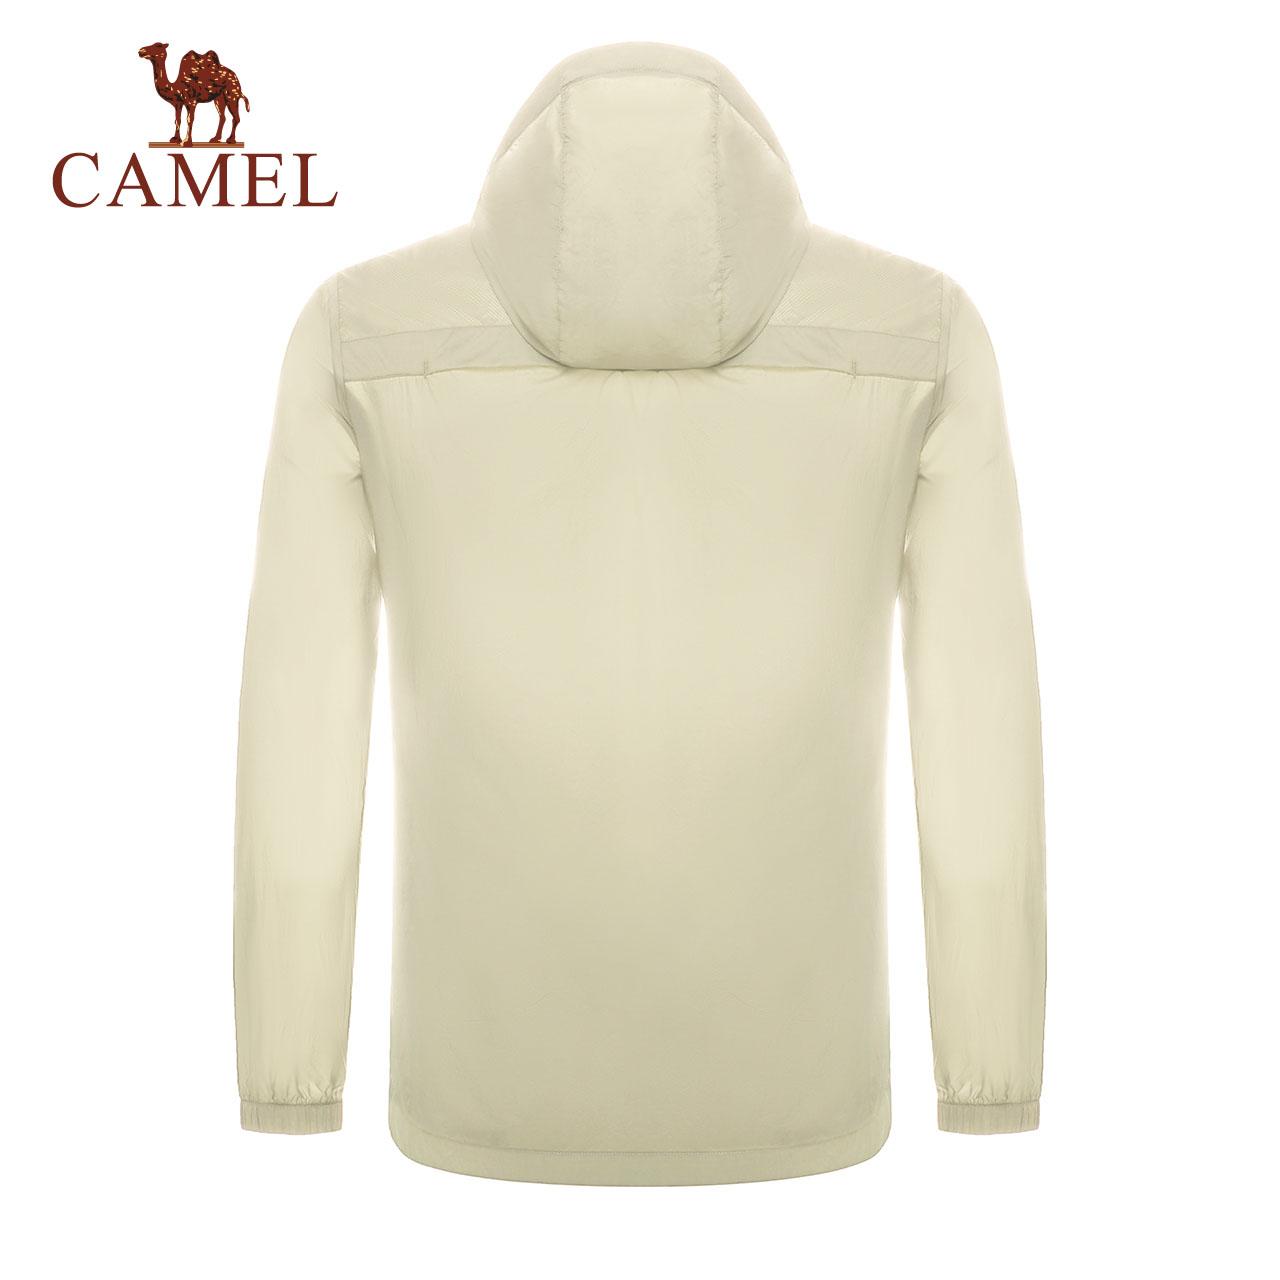 骆驼男装皮肤风衣春夏新款防晒抗紫外线时尚连帽纯色休闲舒适外套